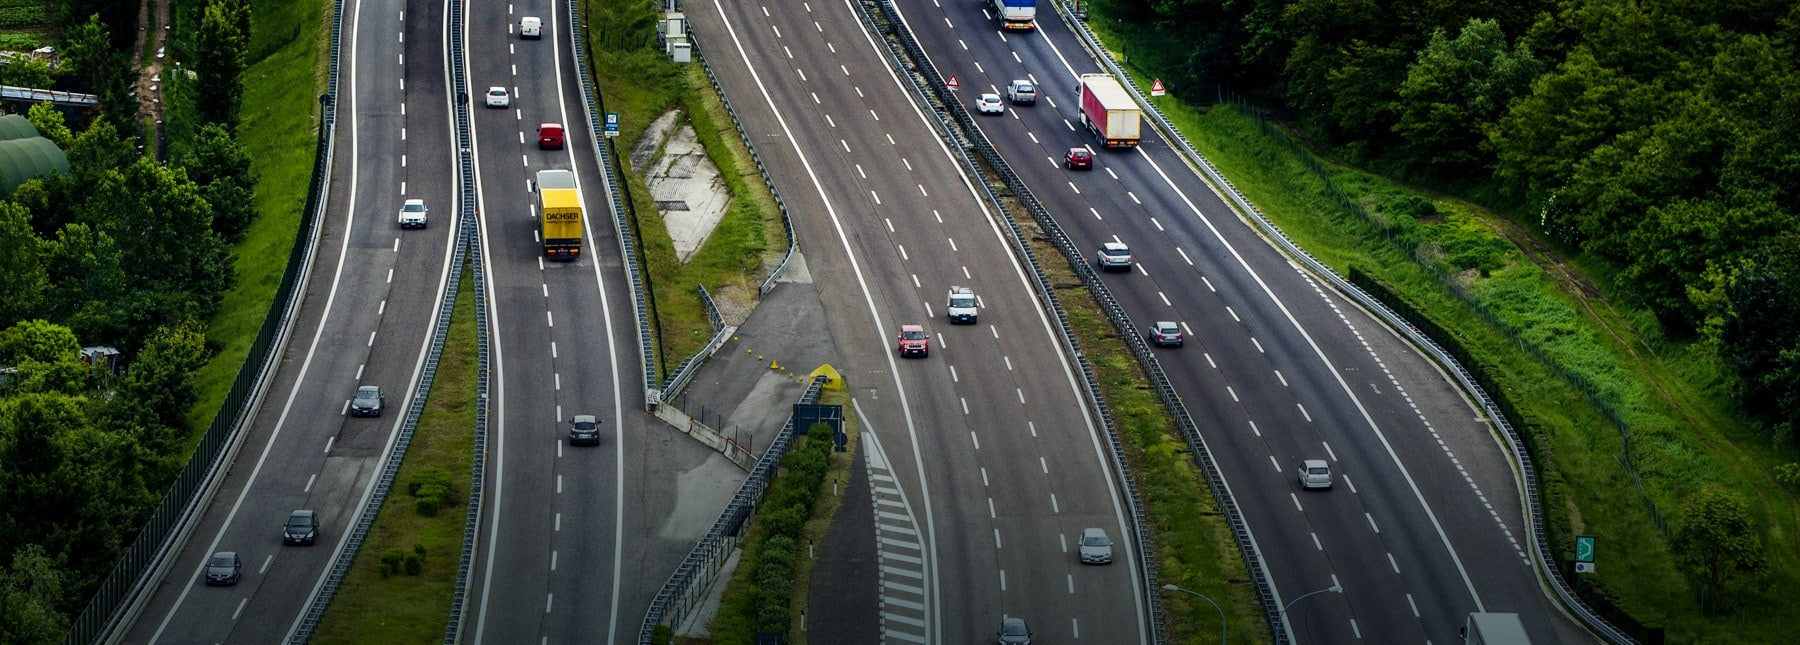 revoca convenzione autostrade cosa succede